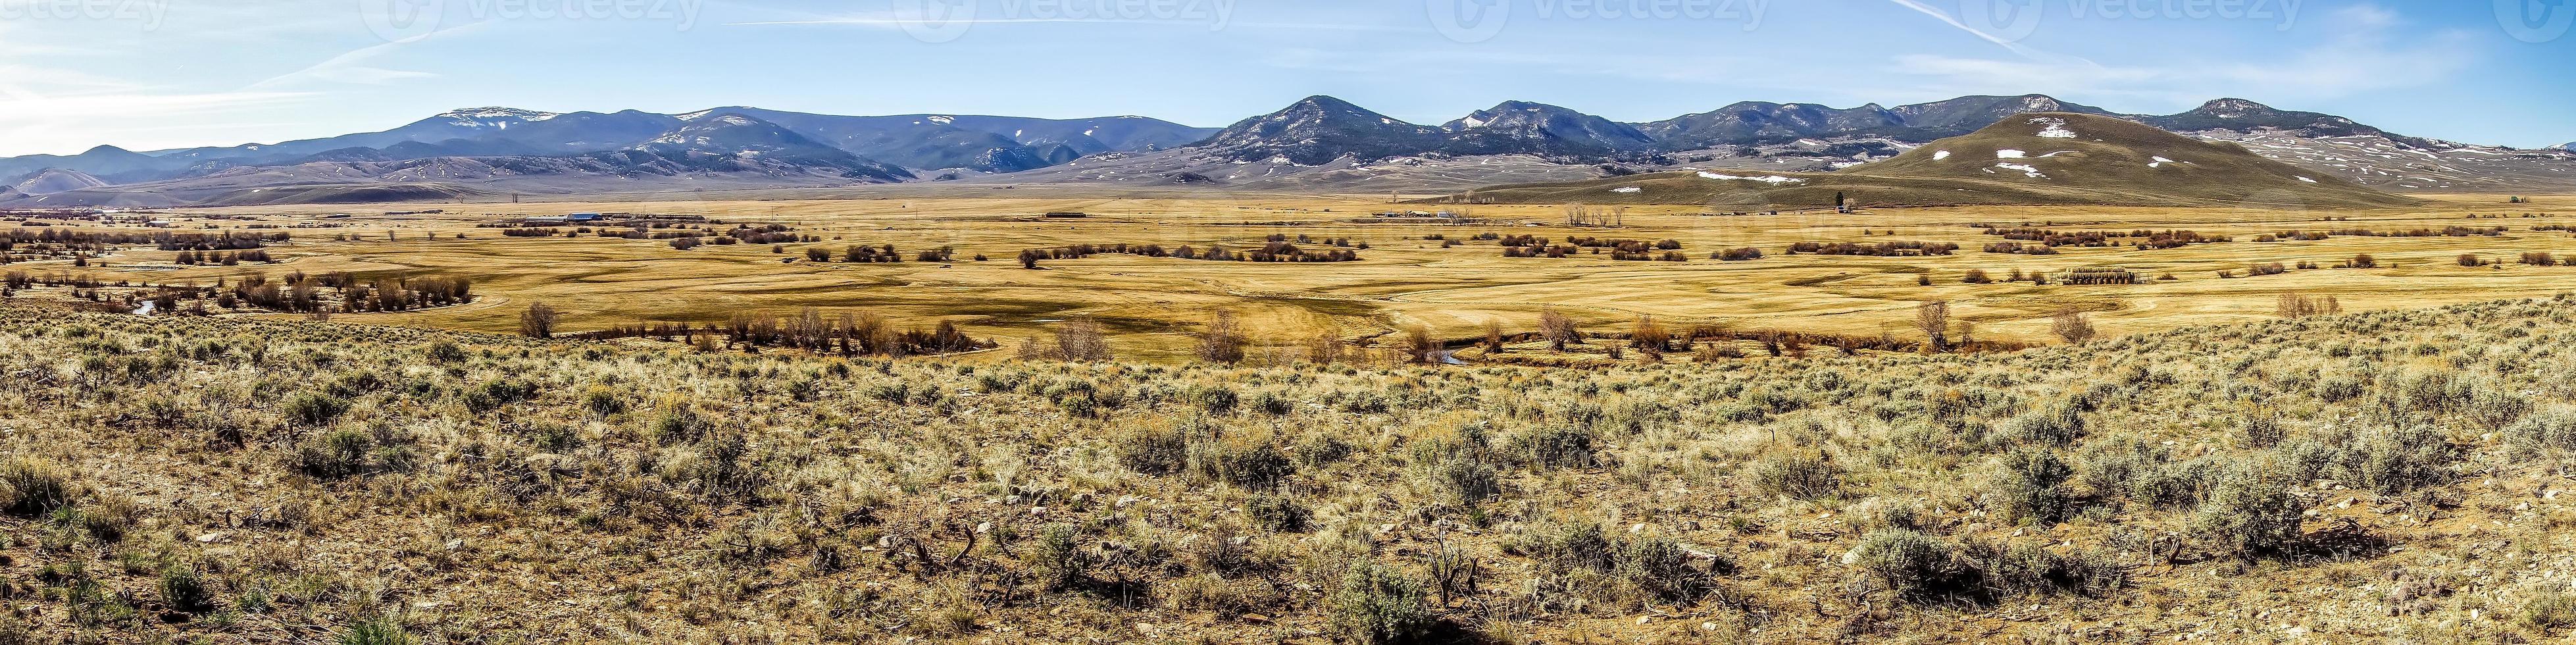 Colorado uitlopers van rotsachtige bergen foto